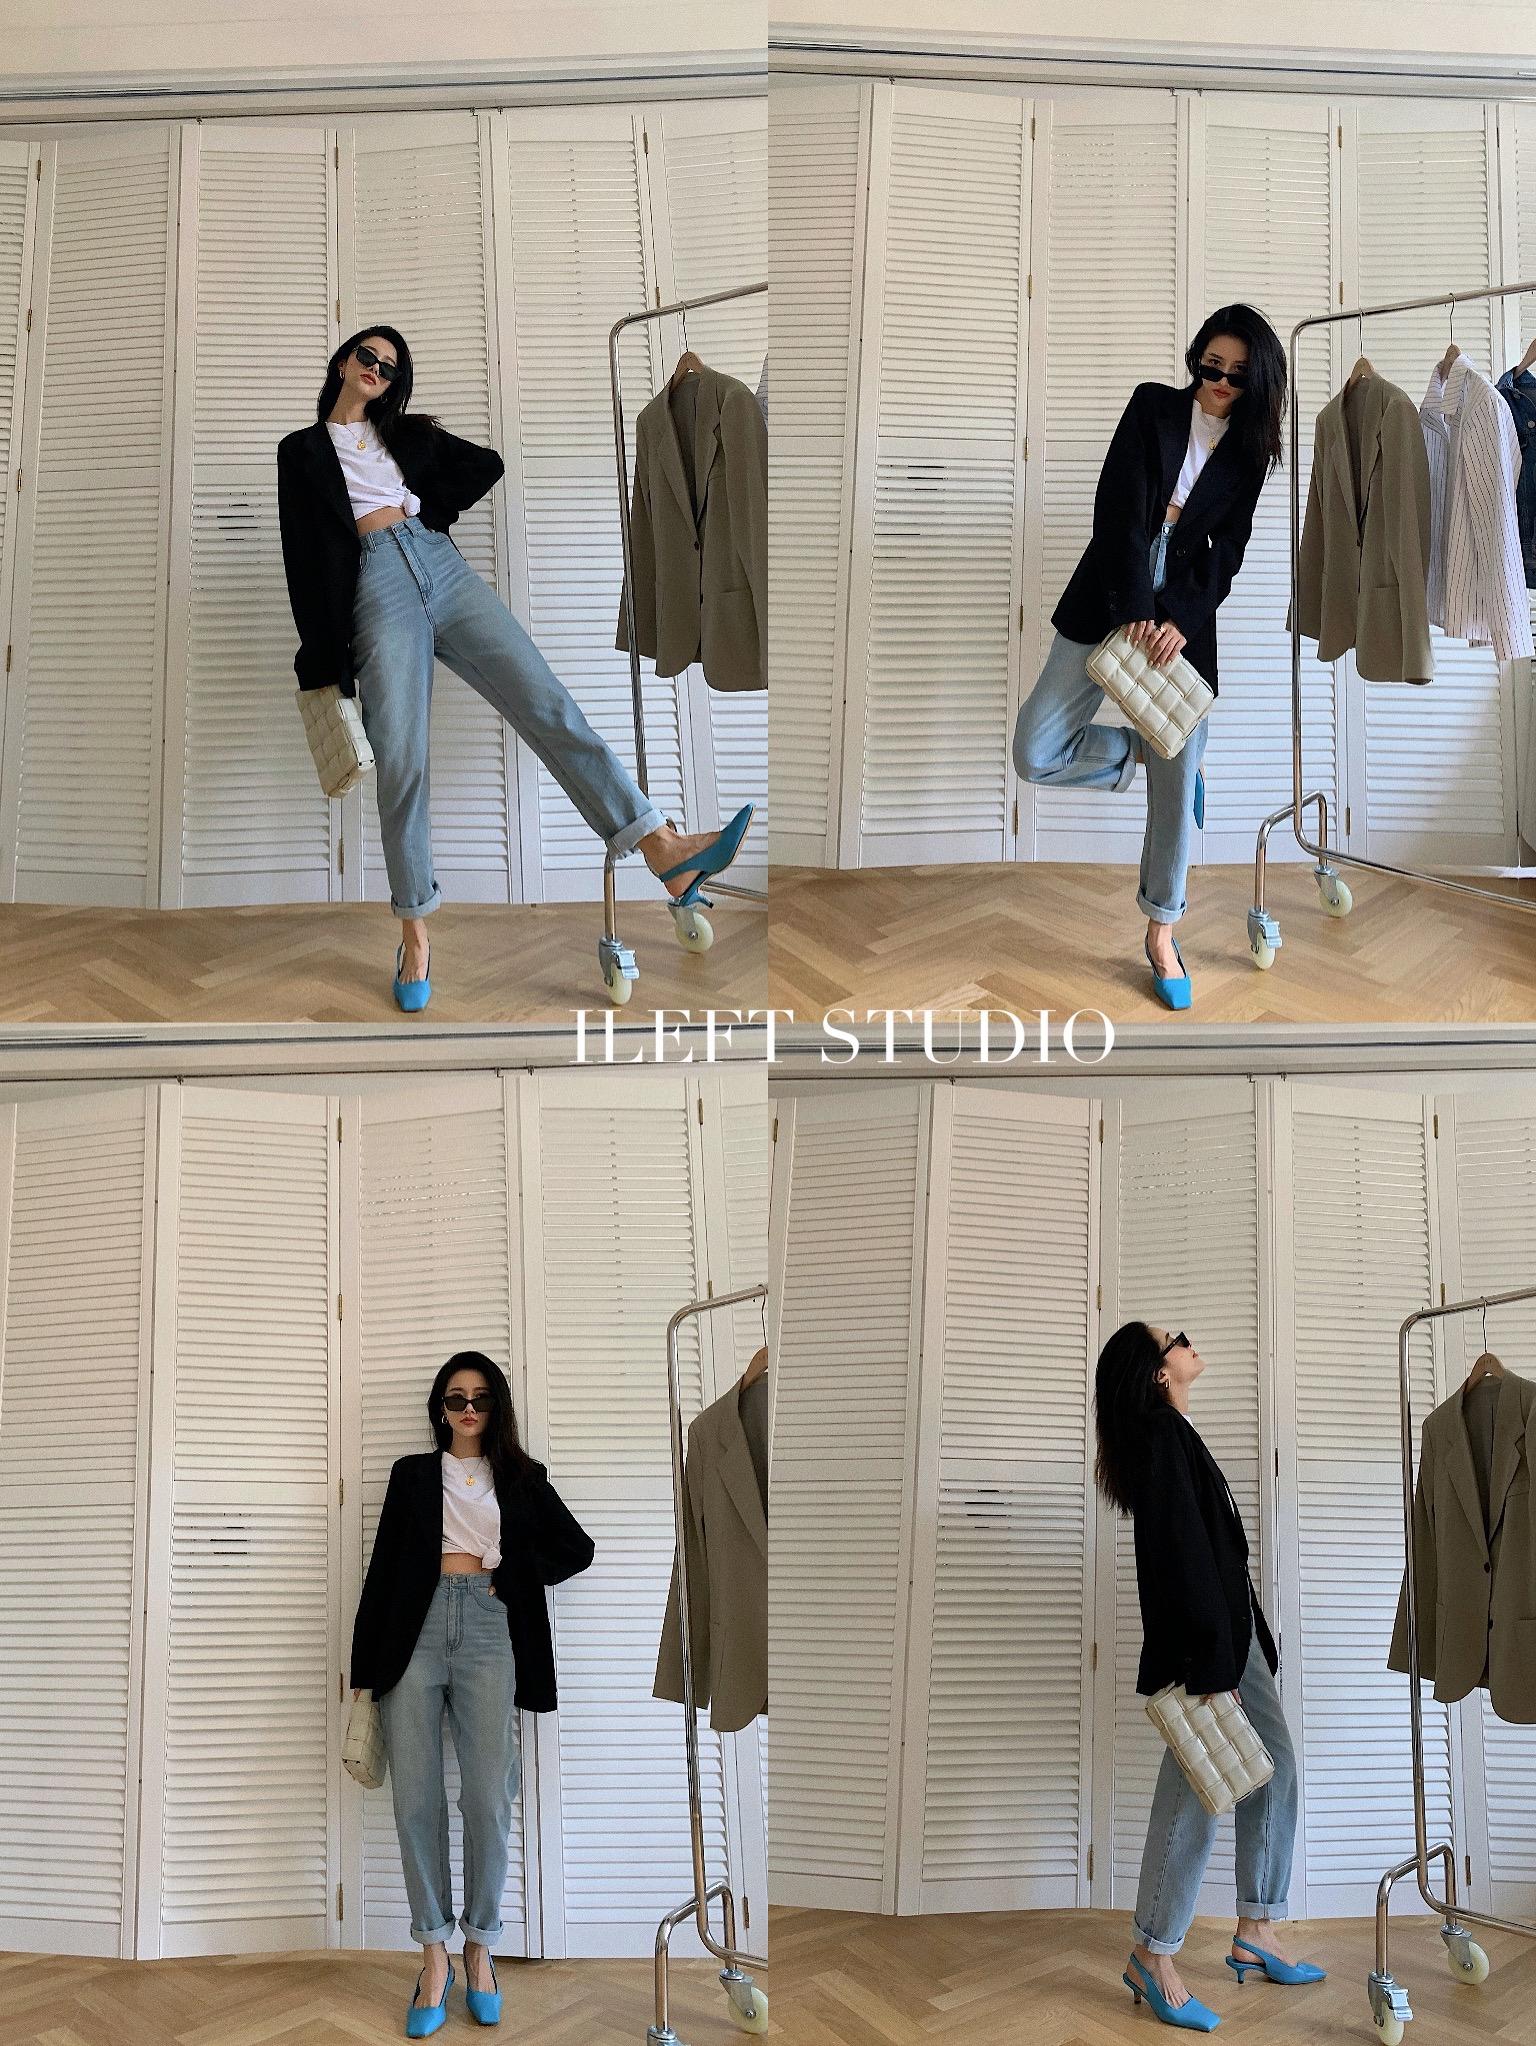 左边女装2020秋装新款长款裤子高腰休闲气质直筒蓝色牛仔裤修身女